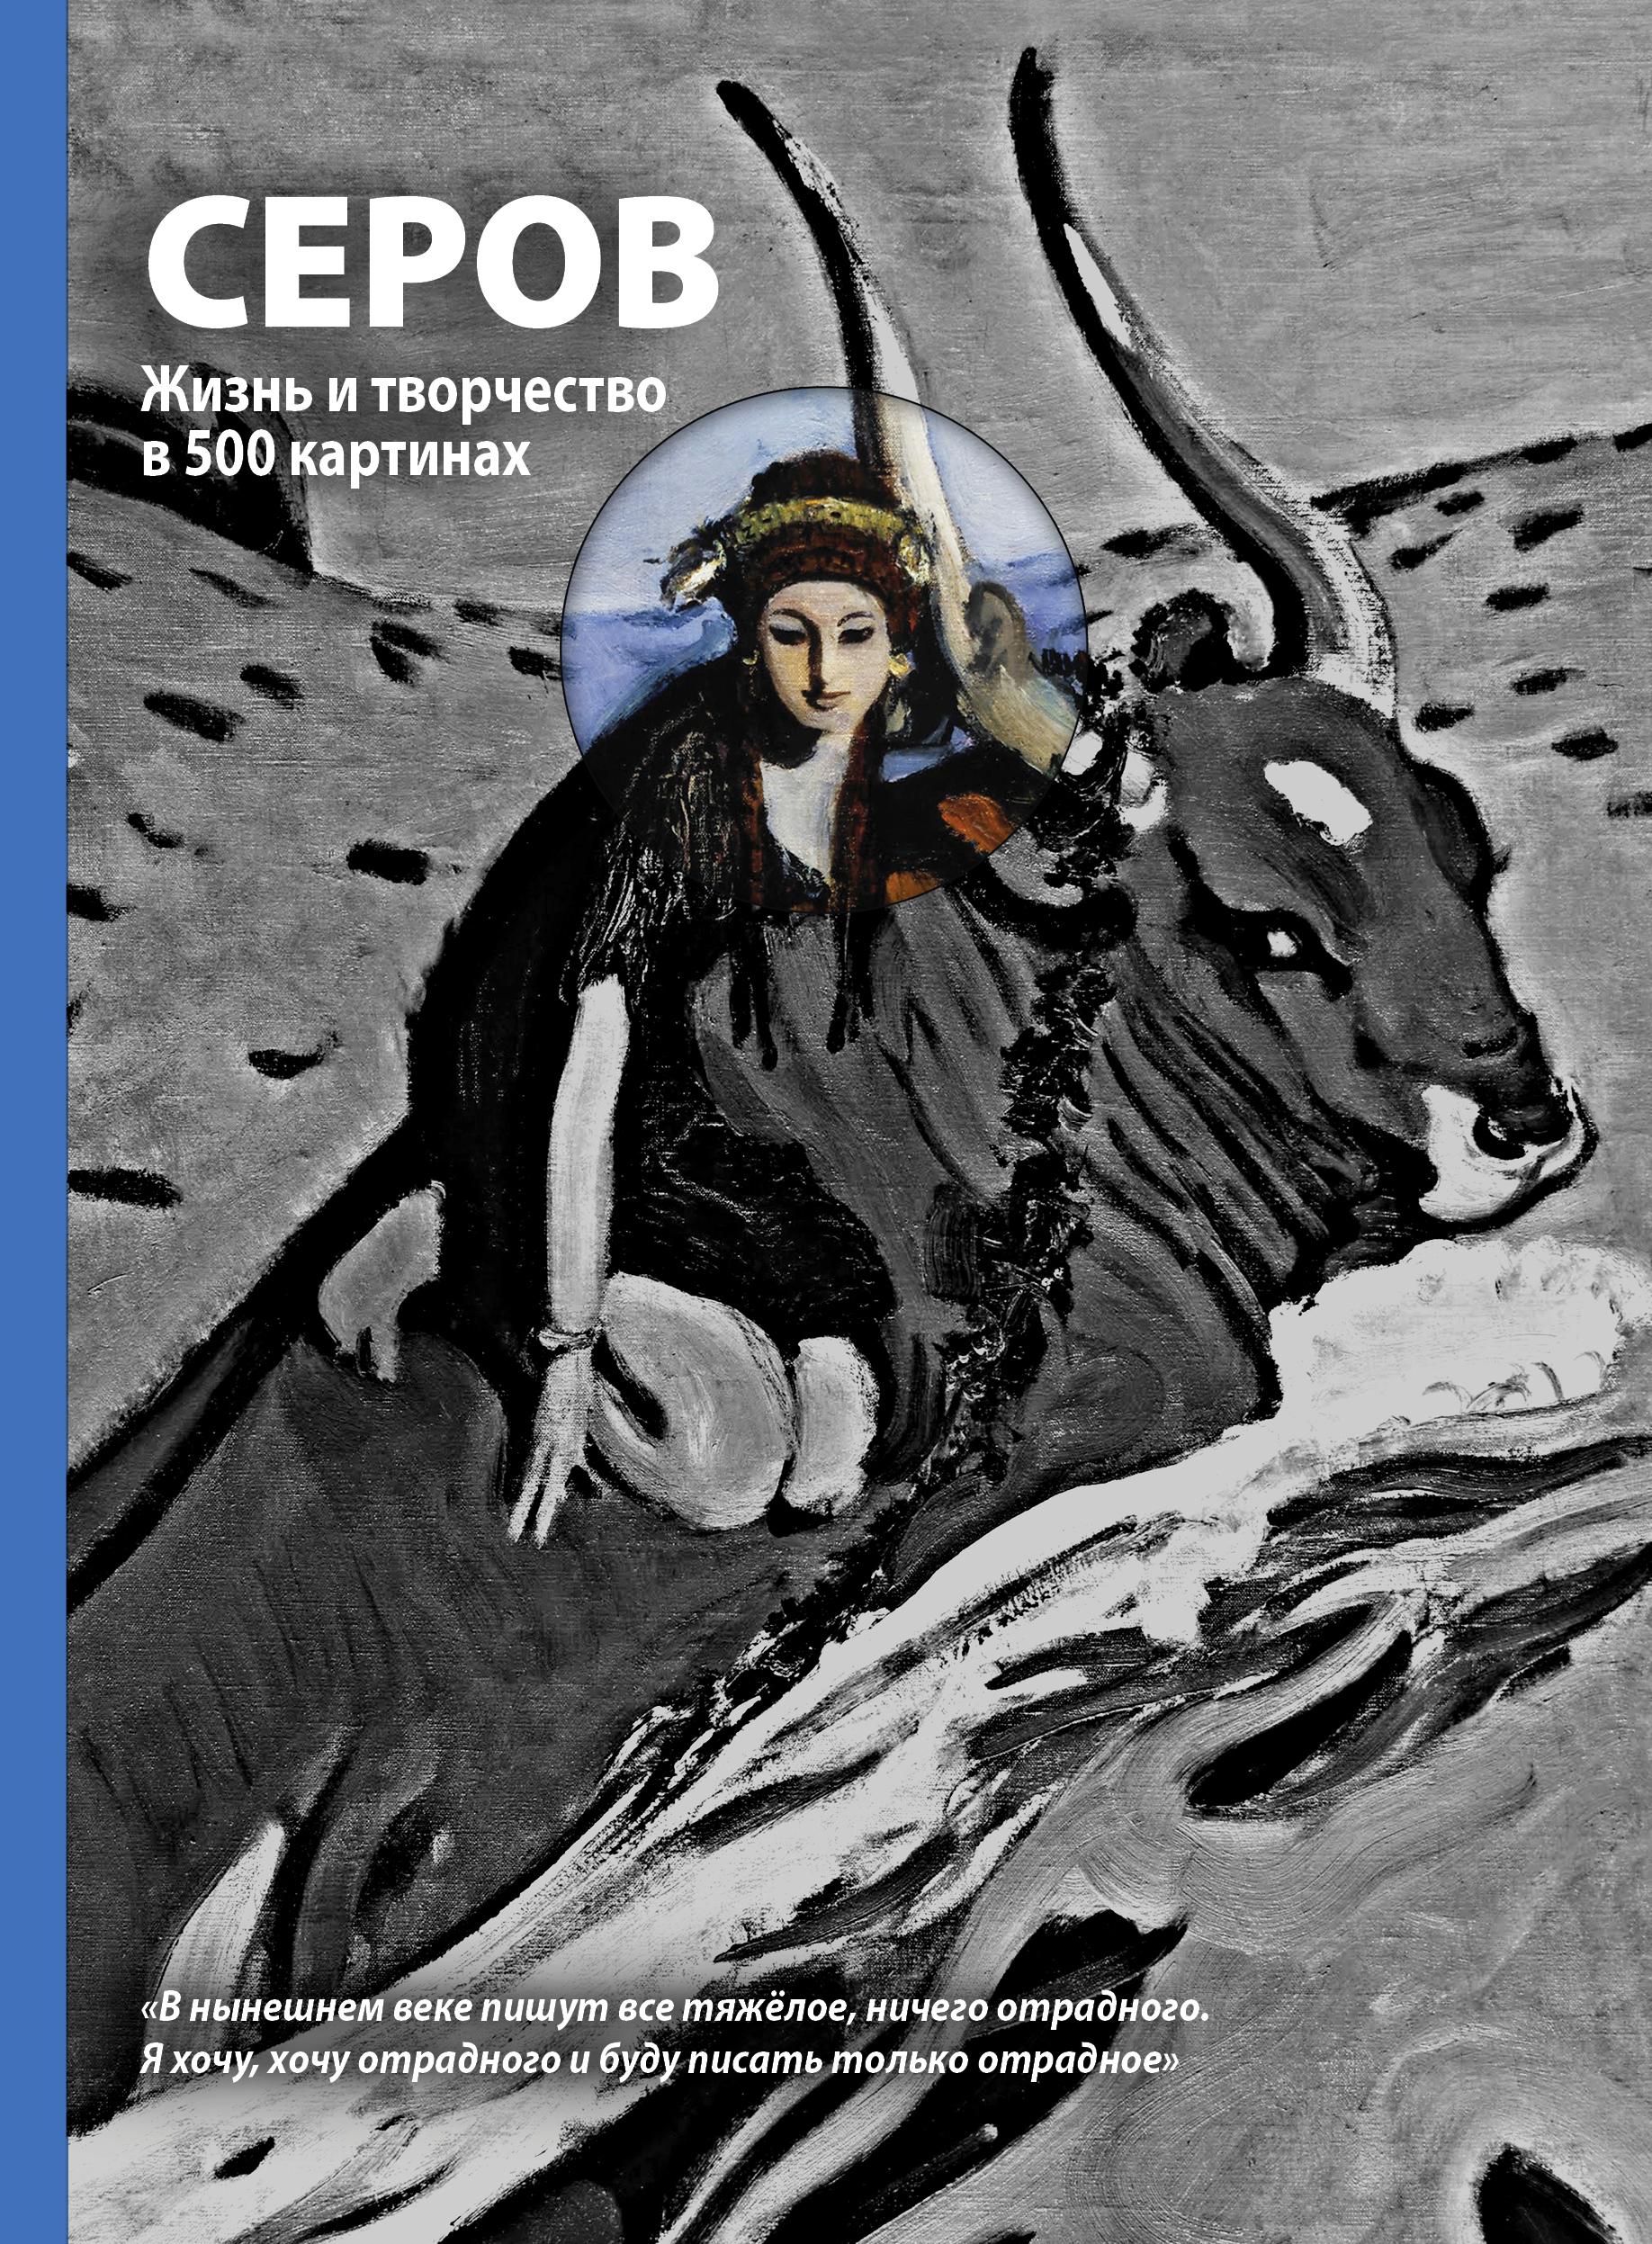 Сарабьянов Д.В. Серов. Жизнь и творчество жизнь и творчество михаили шолохова